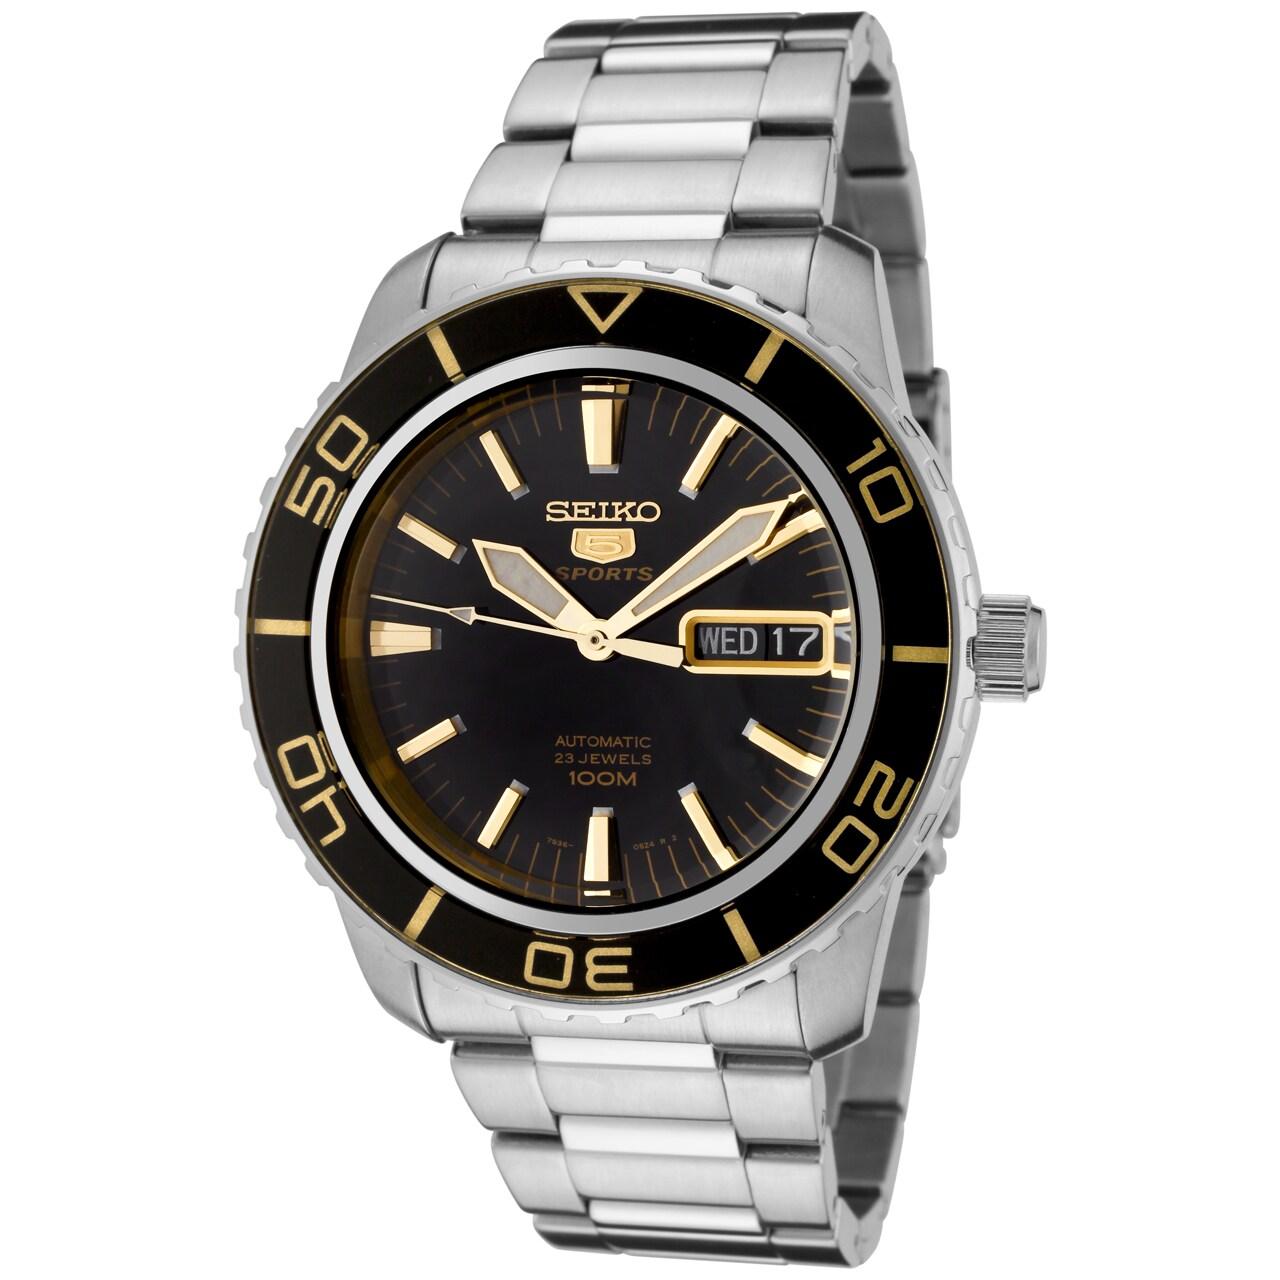 Seiko Men's K1 5 Sports Silver Watch